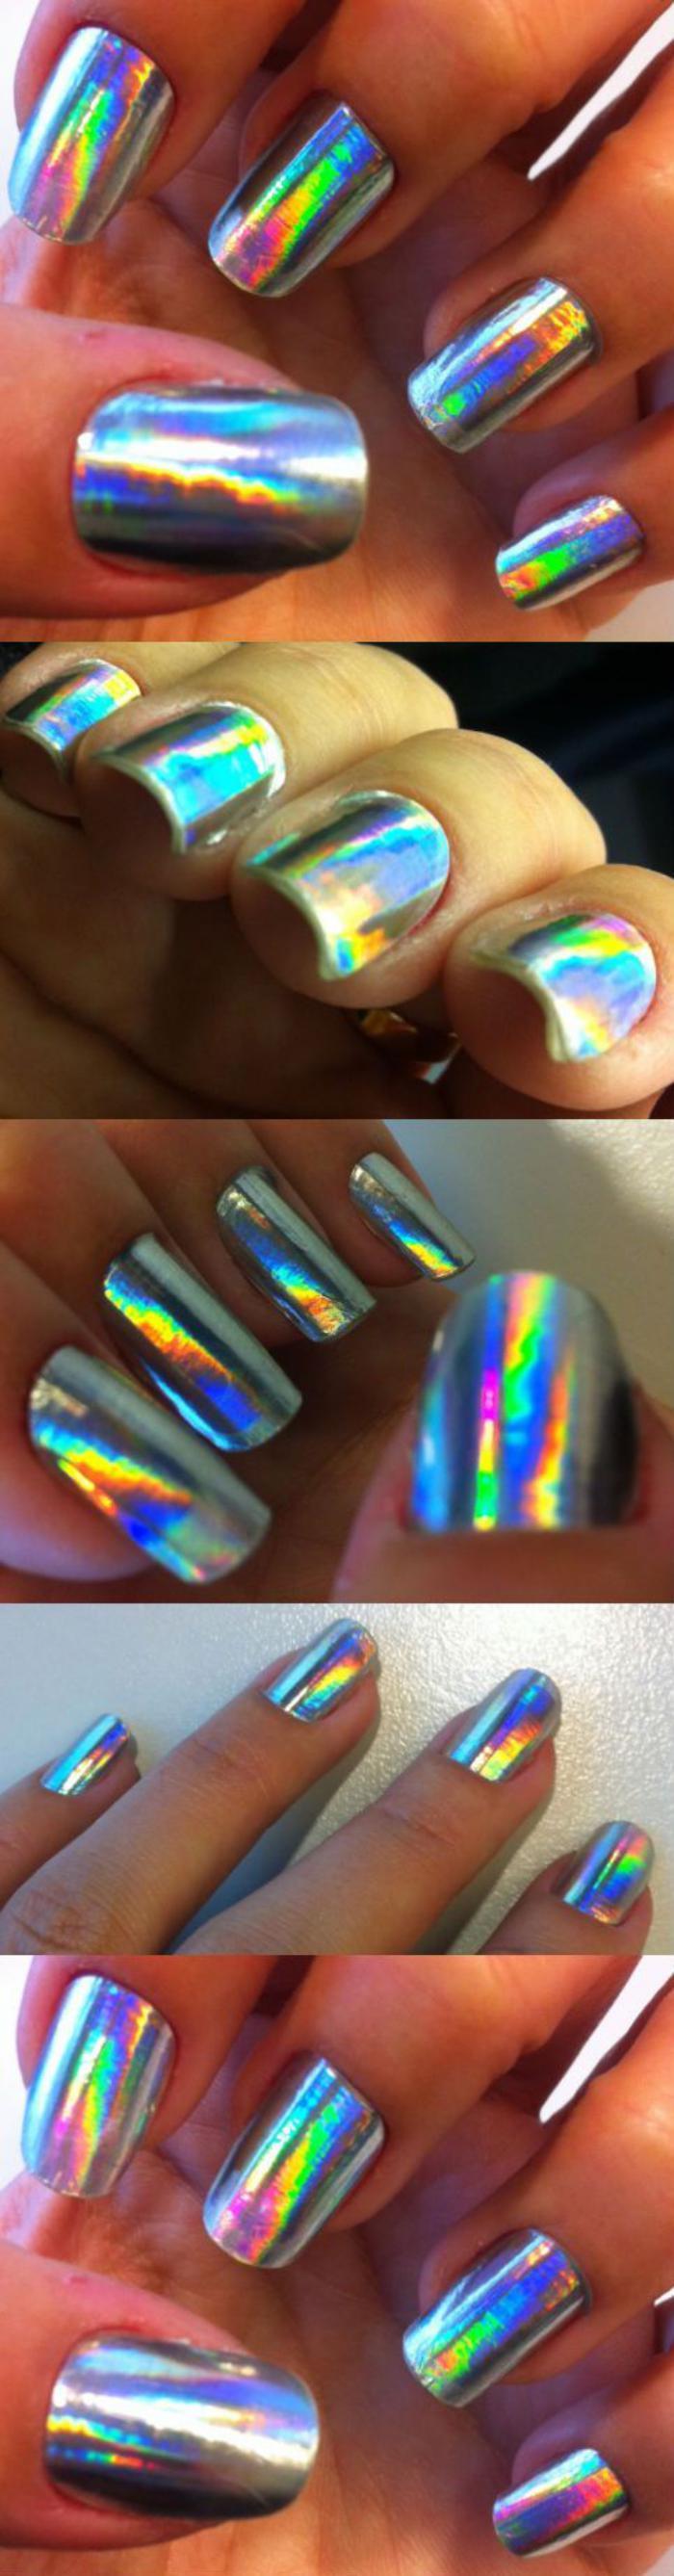 déco-nail-art-manucure-parfaite-avec-foil-argenté